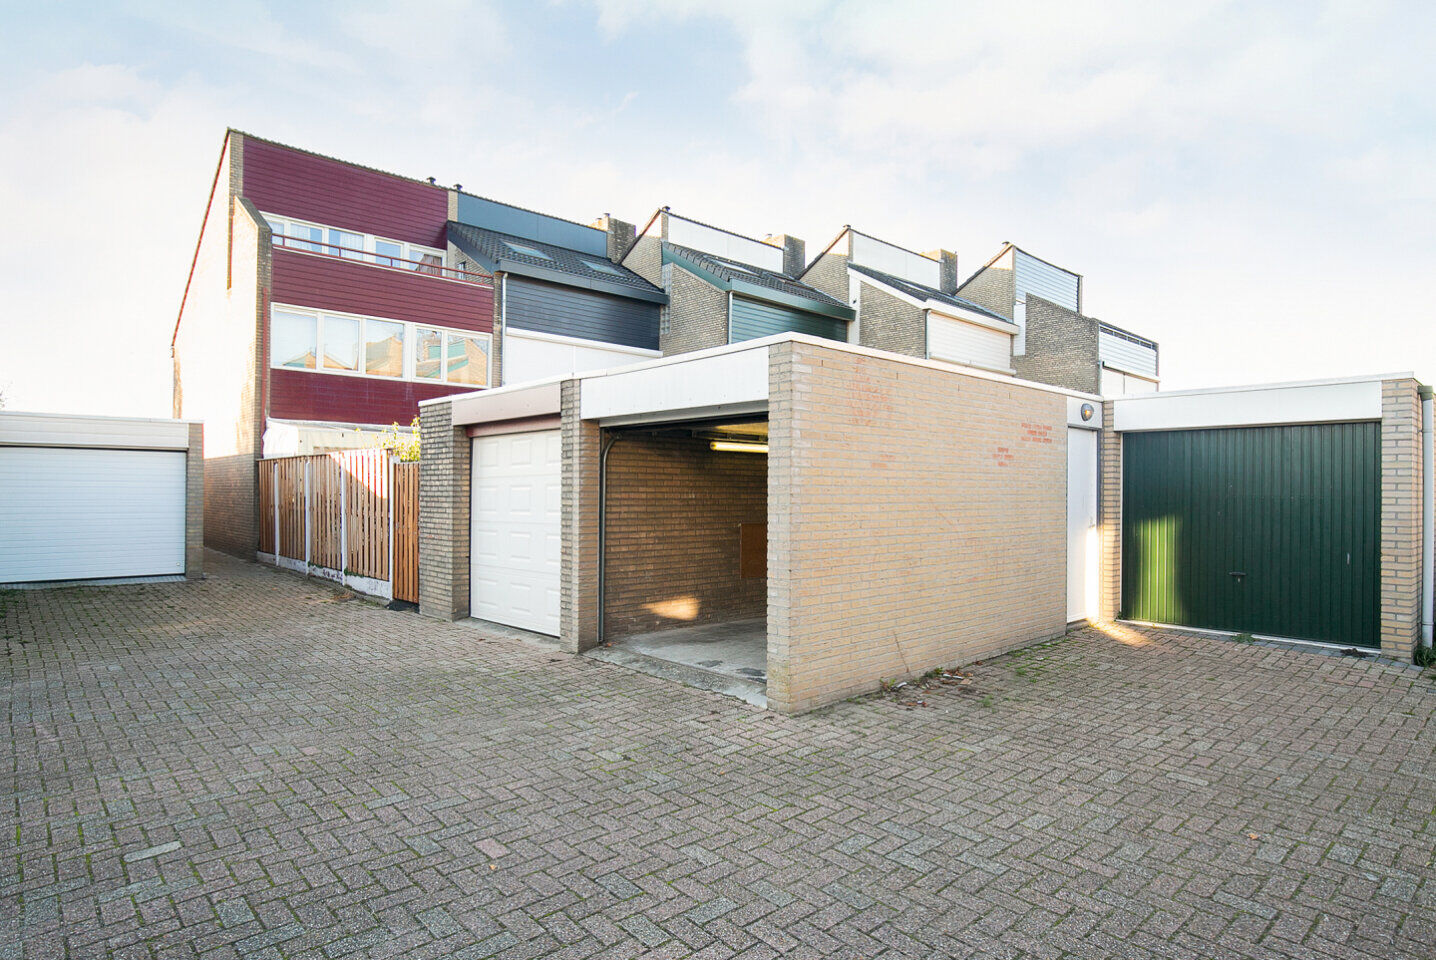 35873-boekhout_19-steenbergen-1471805130